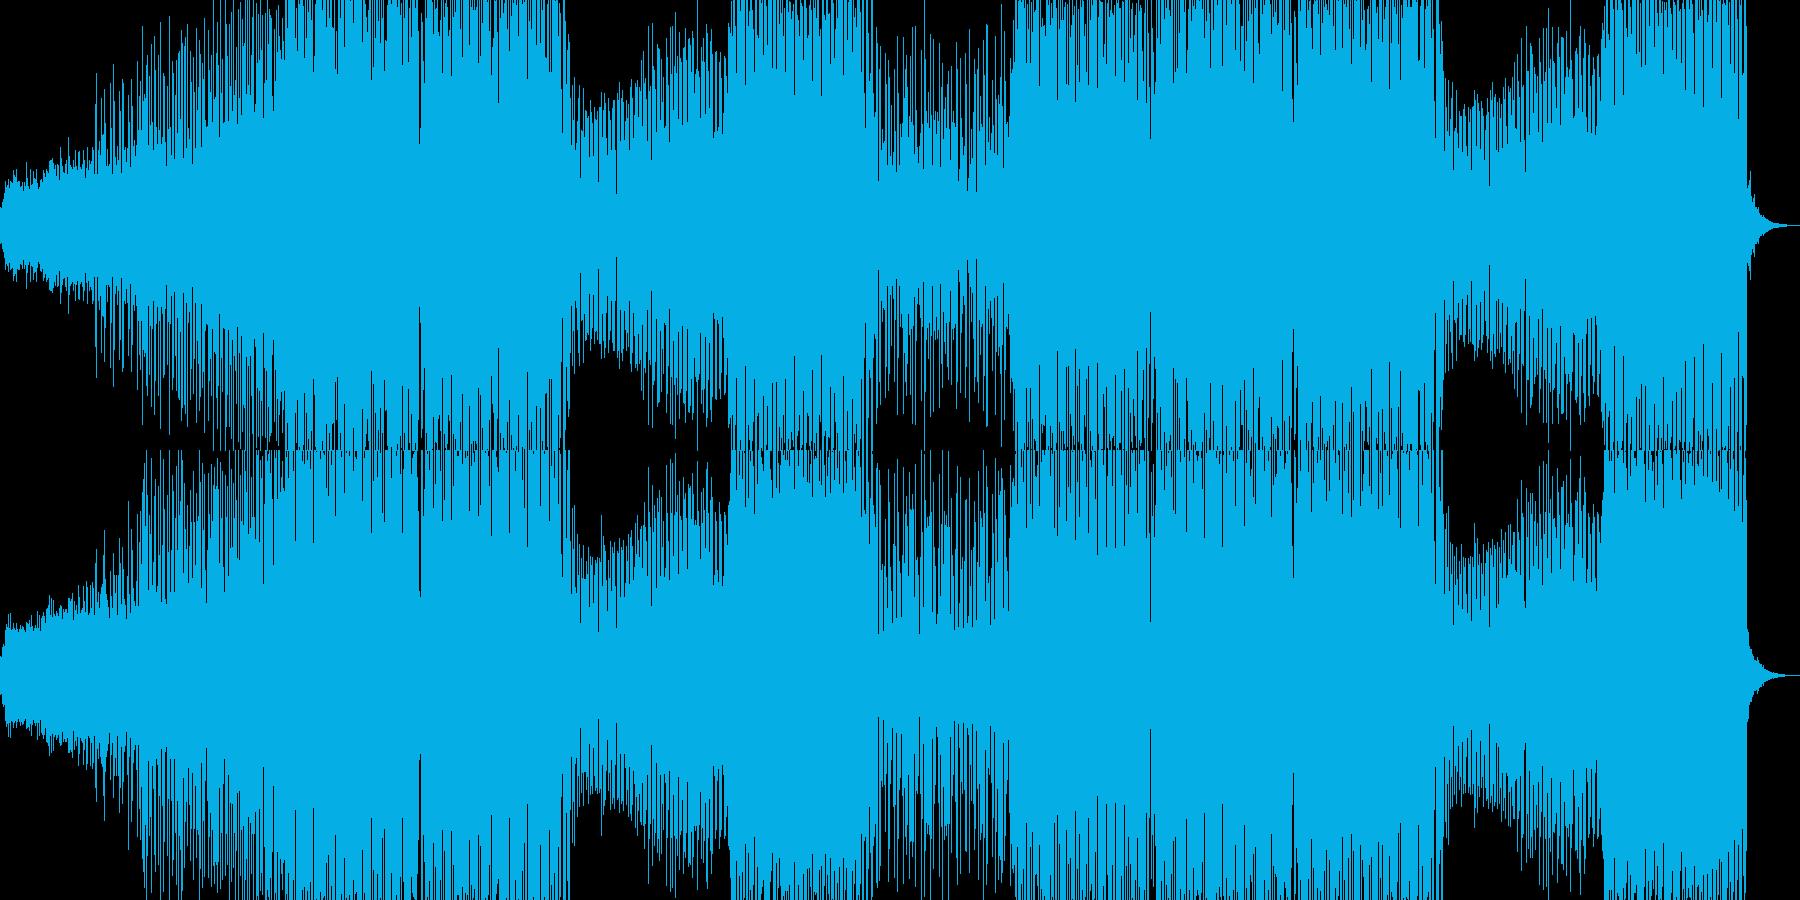 エネルギッシュでファンキーなダンス音楽の再生済みの波形